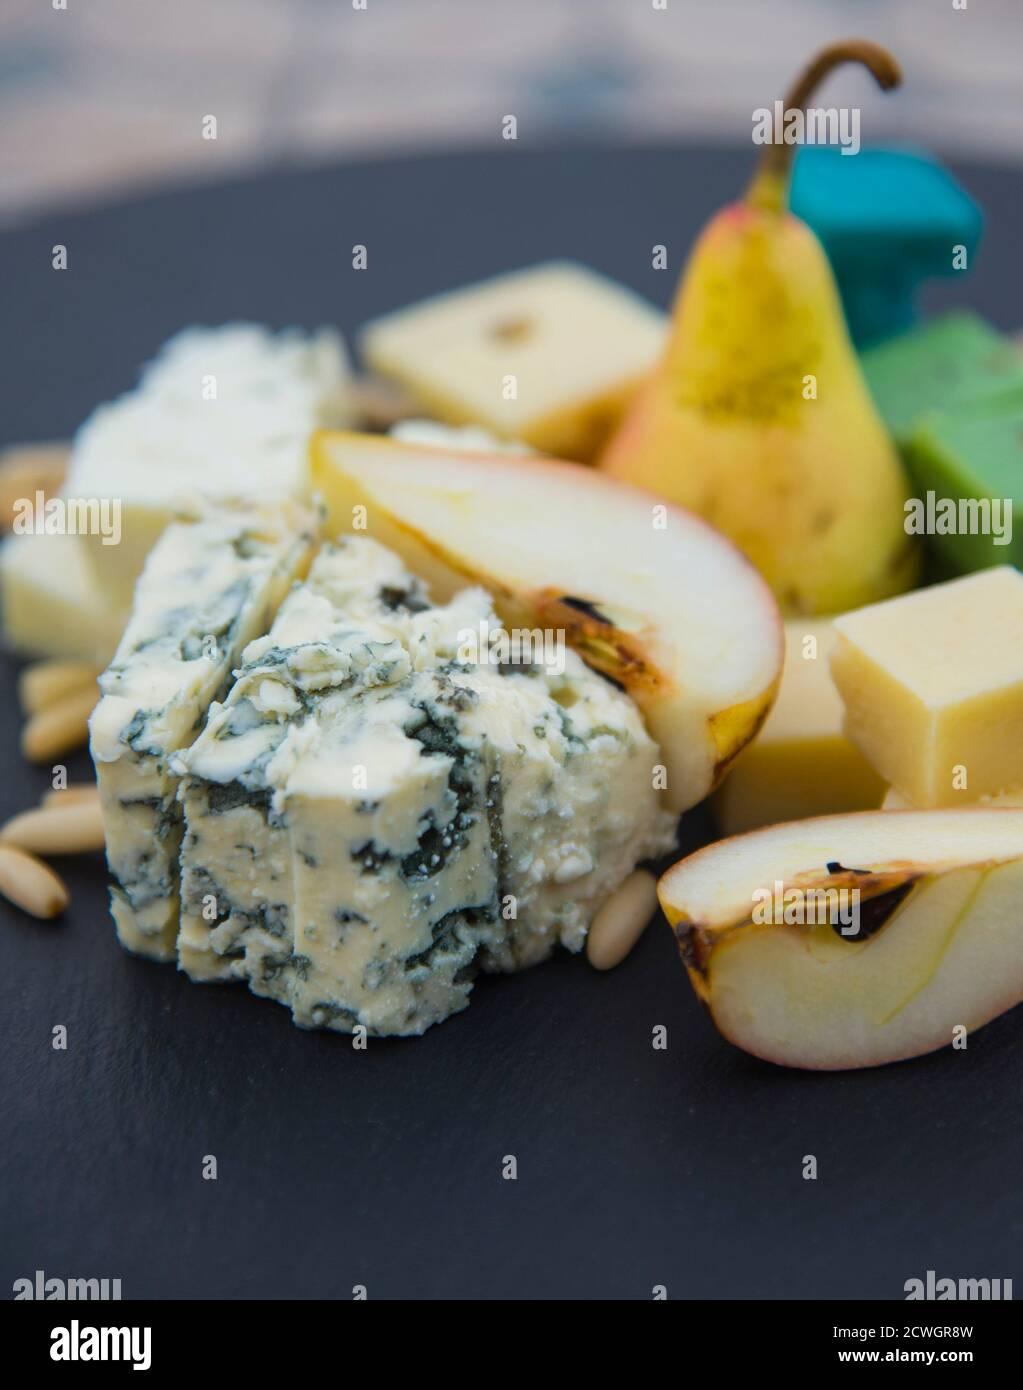 Trozos de quesos variados, peras maduras y piñones. Producto lácteo en la placa negra Foto de stock